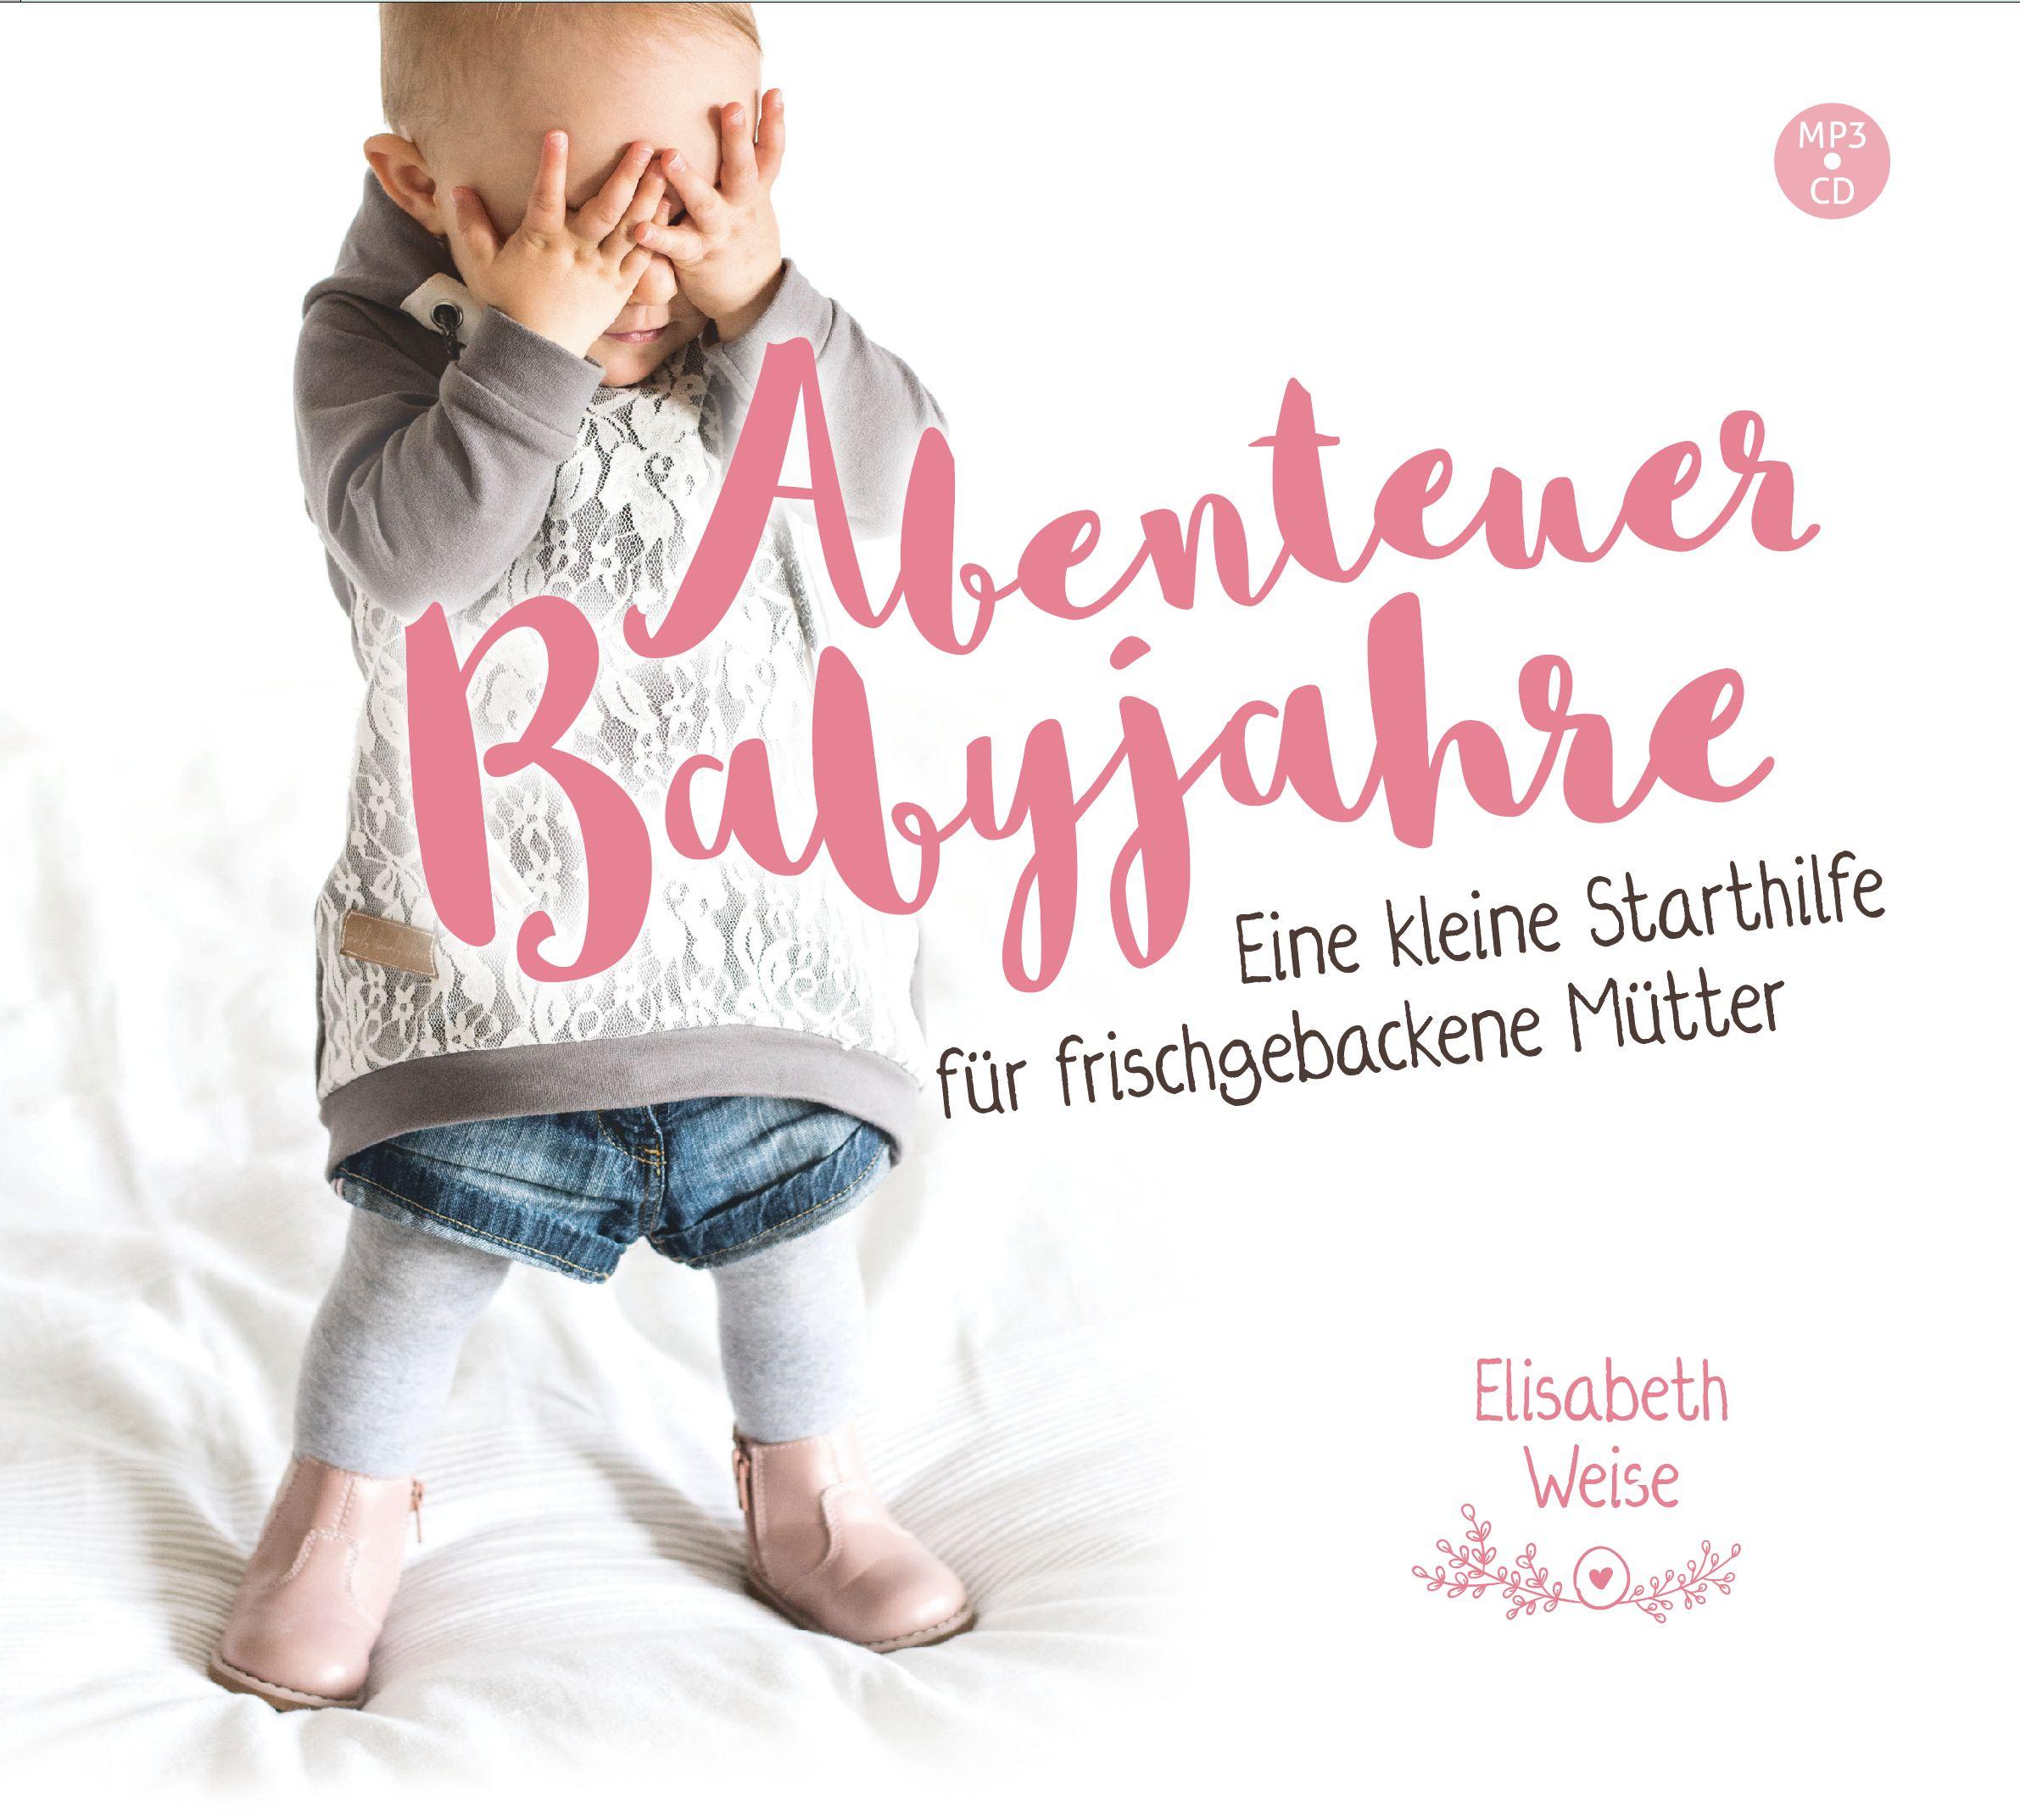 clv_abenteuer-babyjahre-hoerbuch-mp3_elisabeth-weise_256962_1